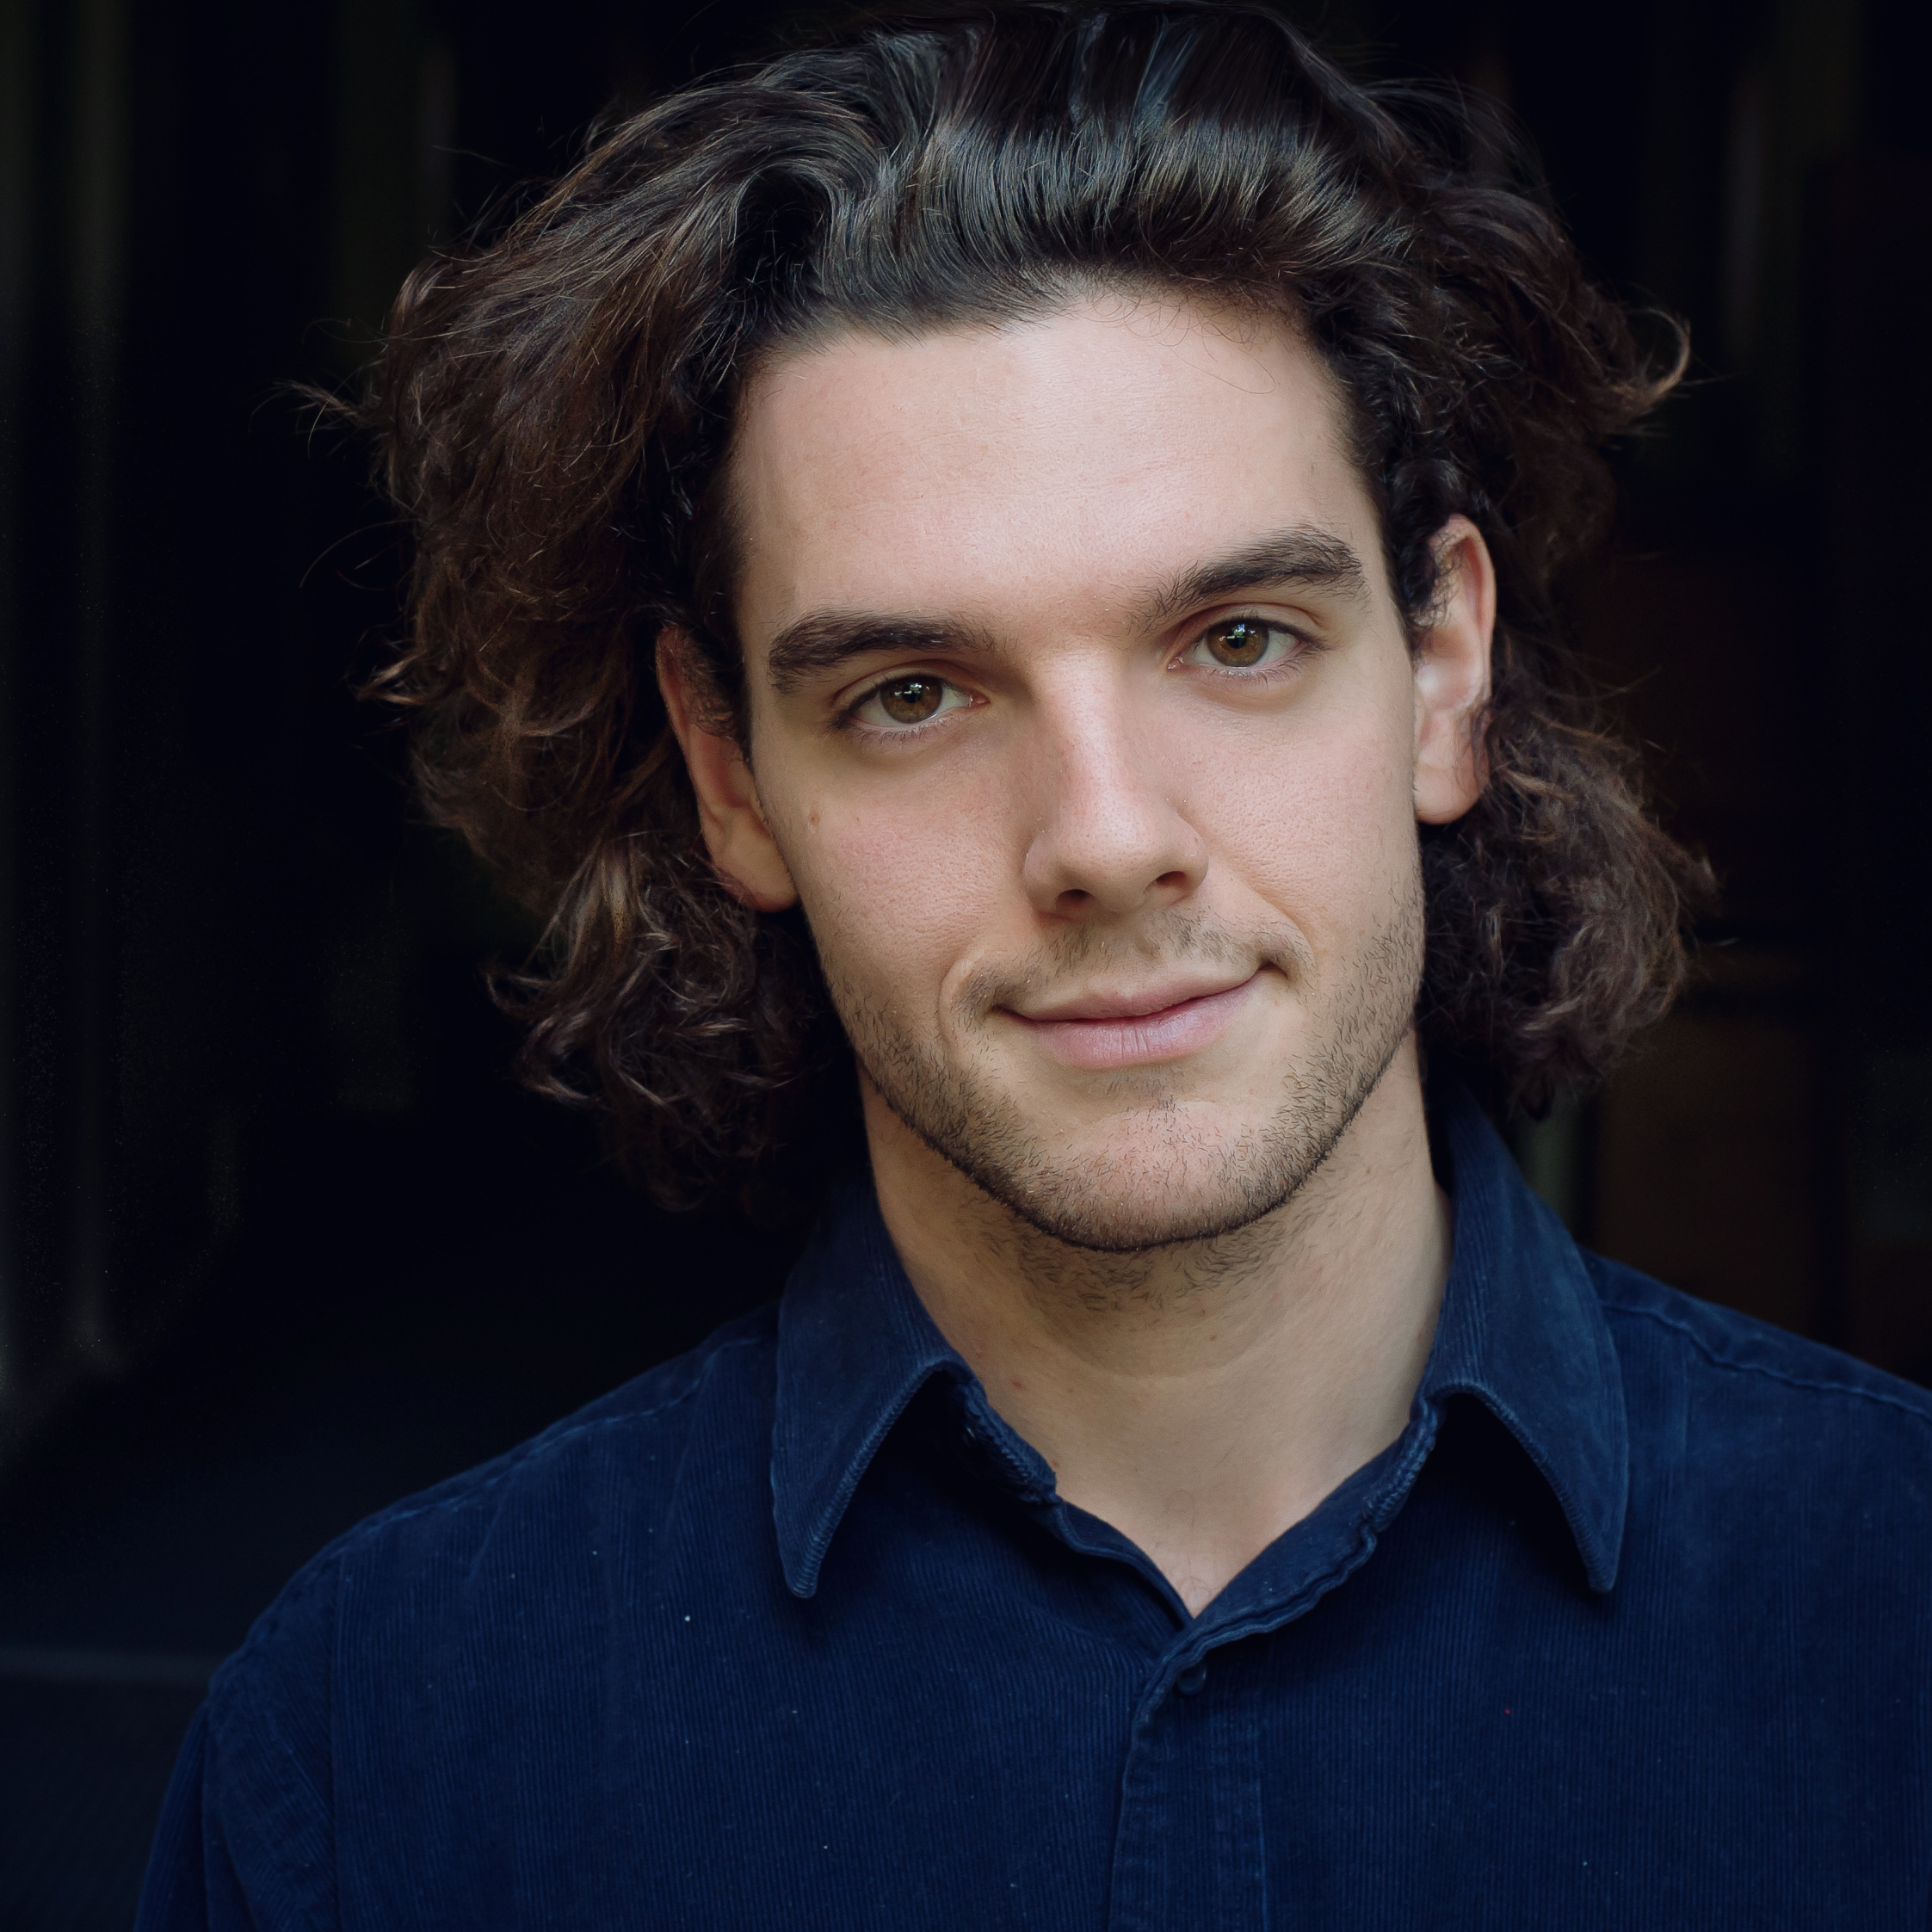 Maximillian's profile picture